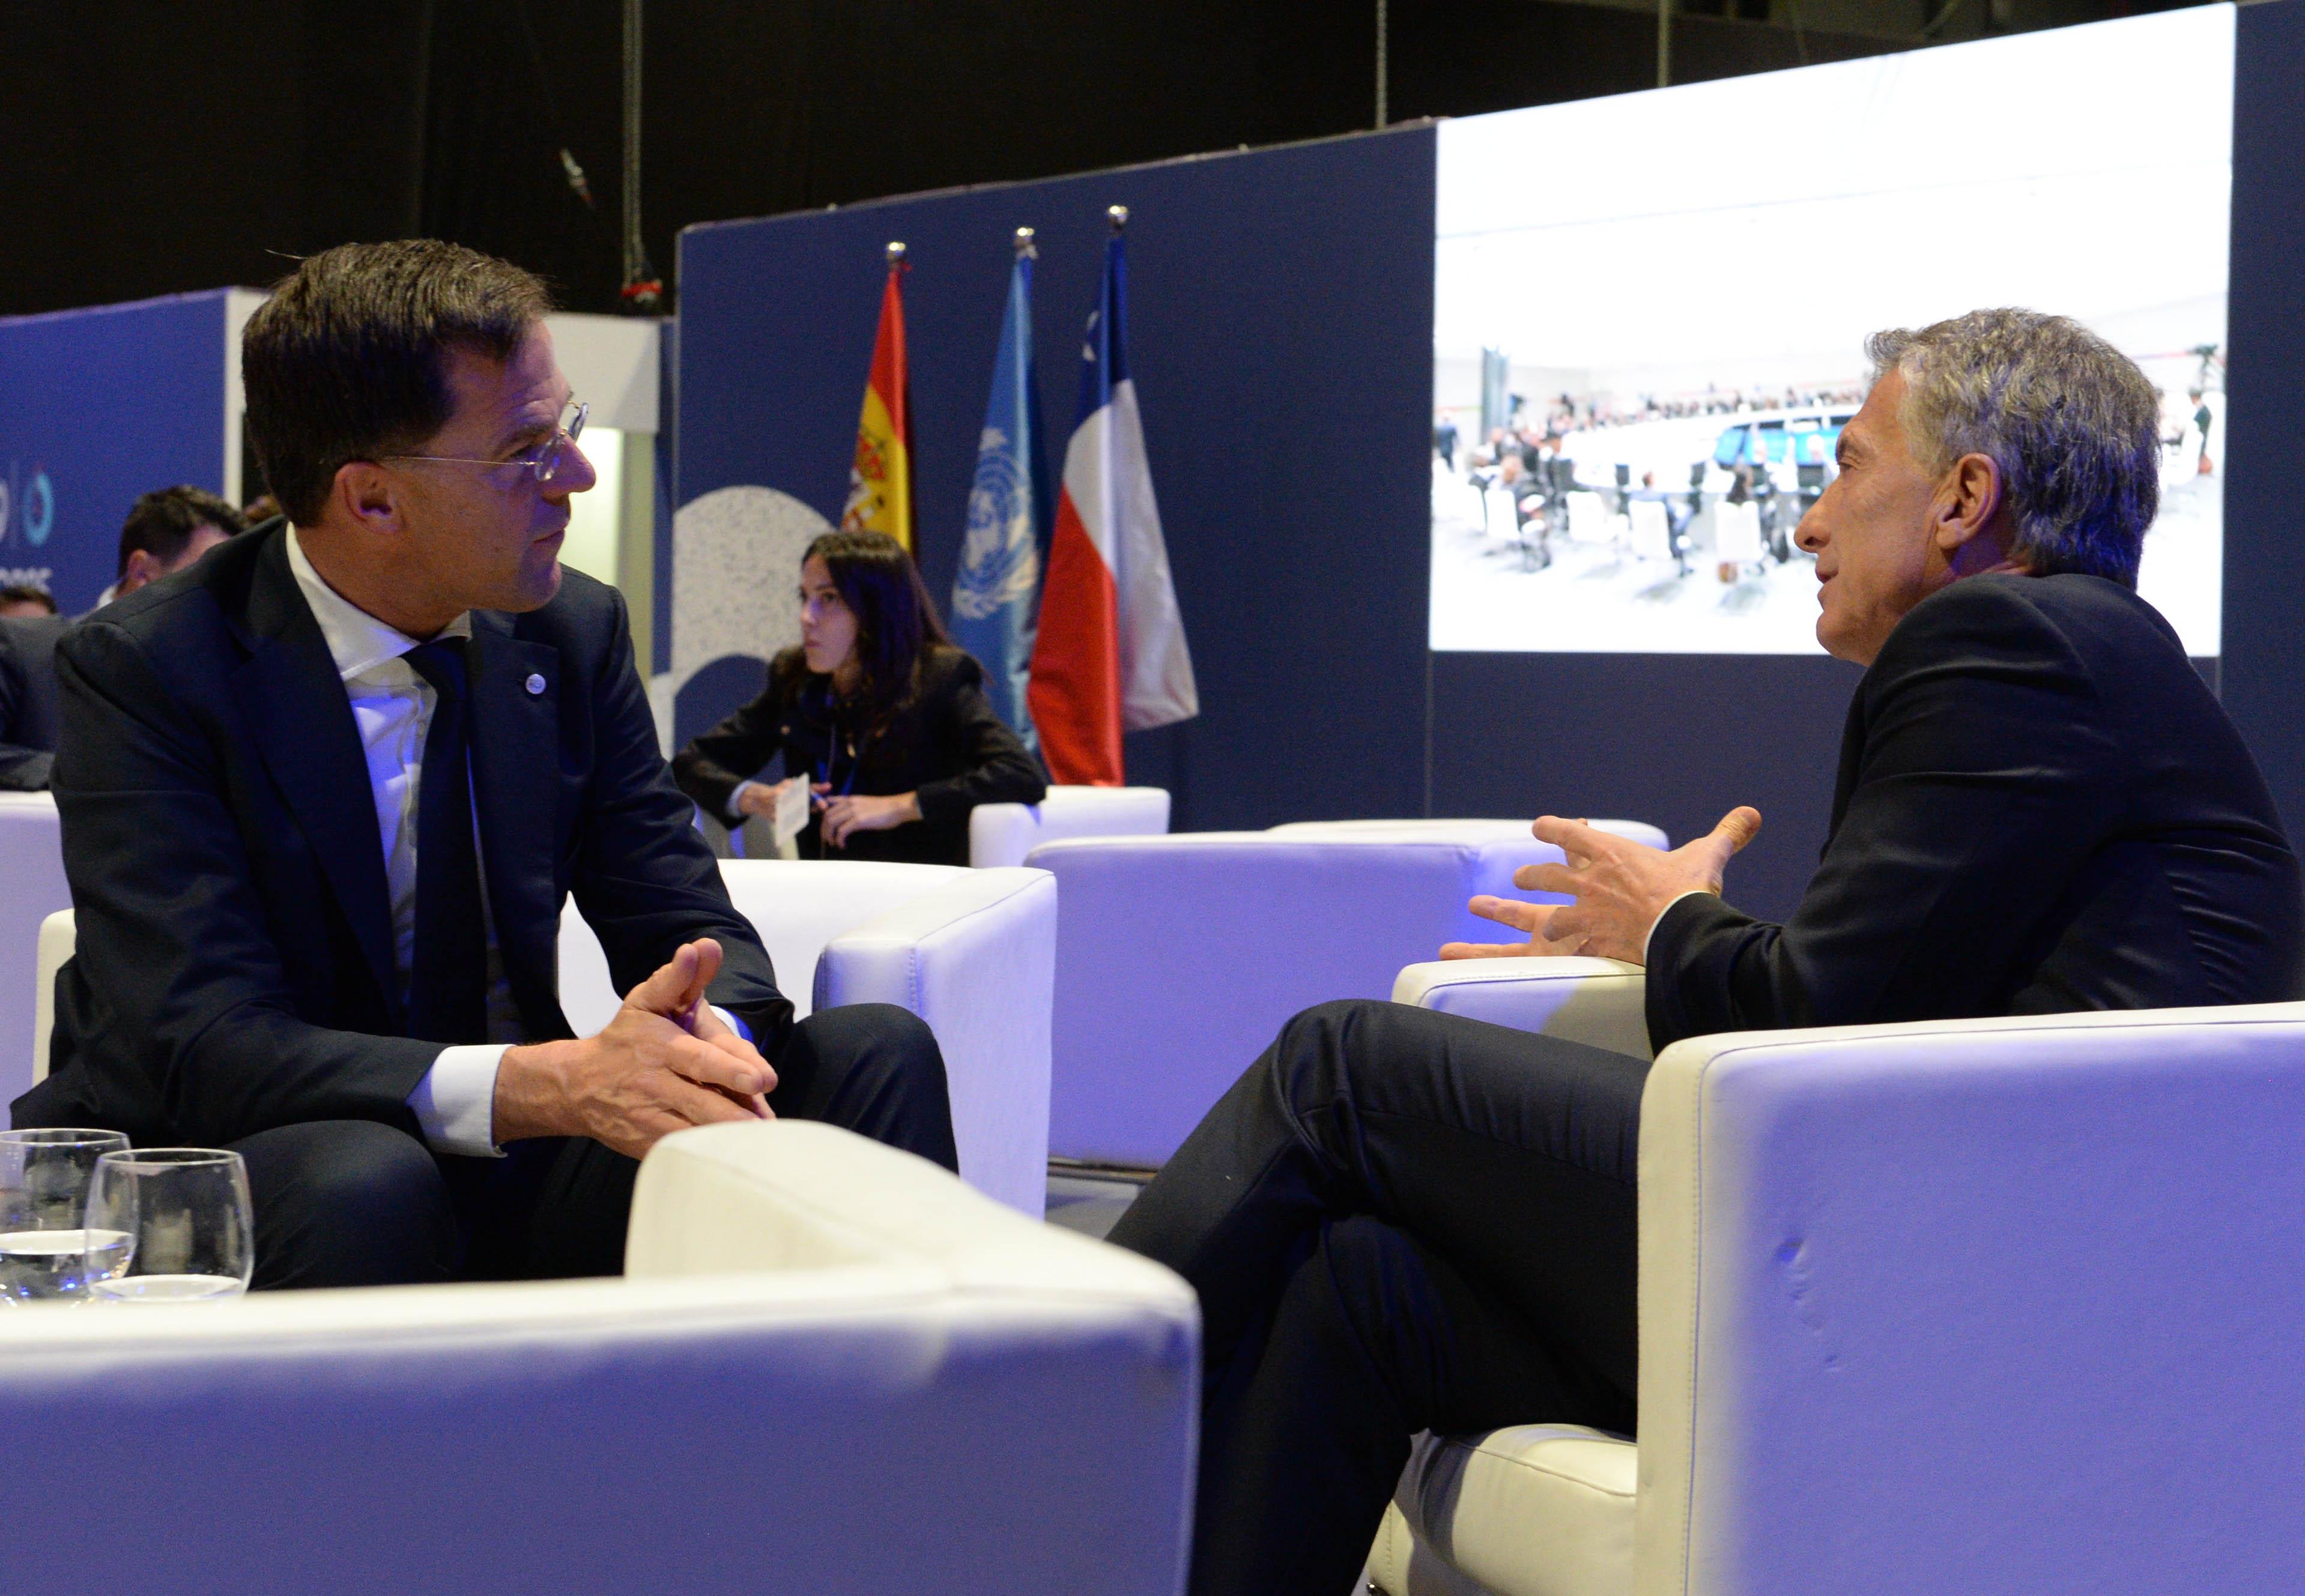 El Presidente Macri mantuvo un encuentro bilateral con el primer ministro de los Países Bajos, Mark Rutte.